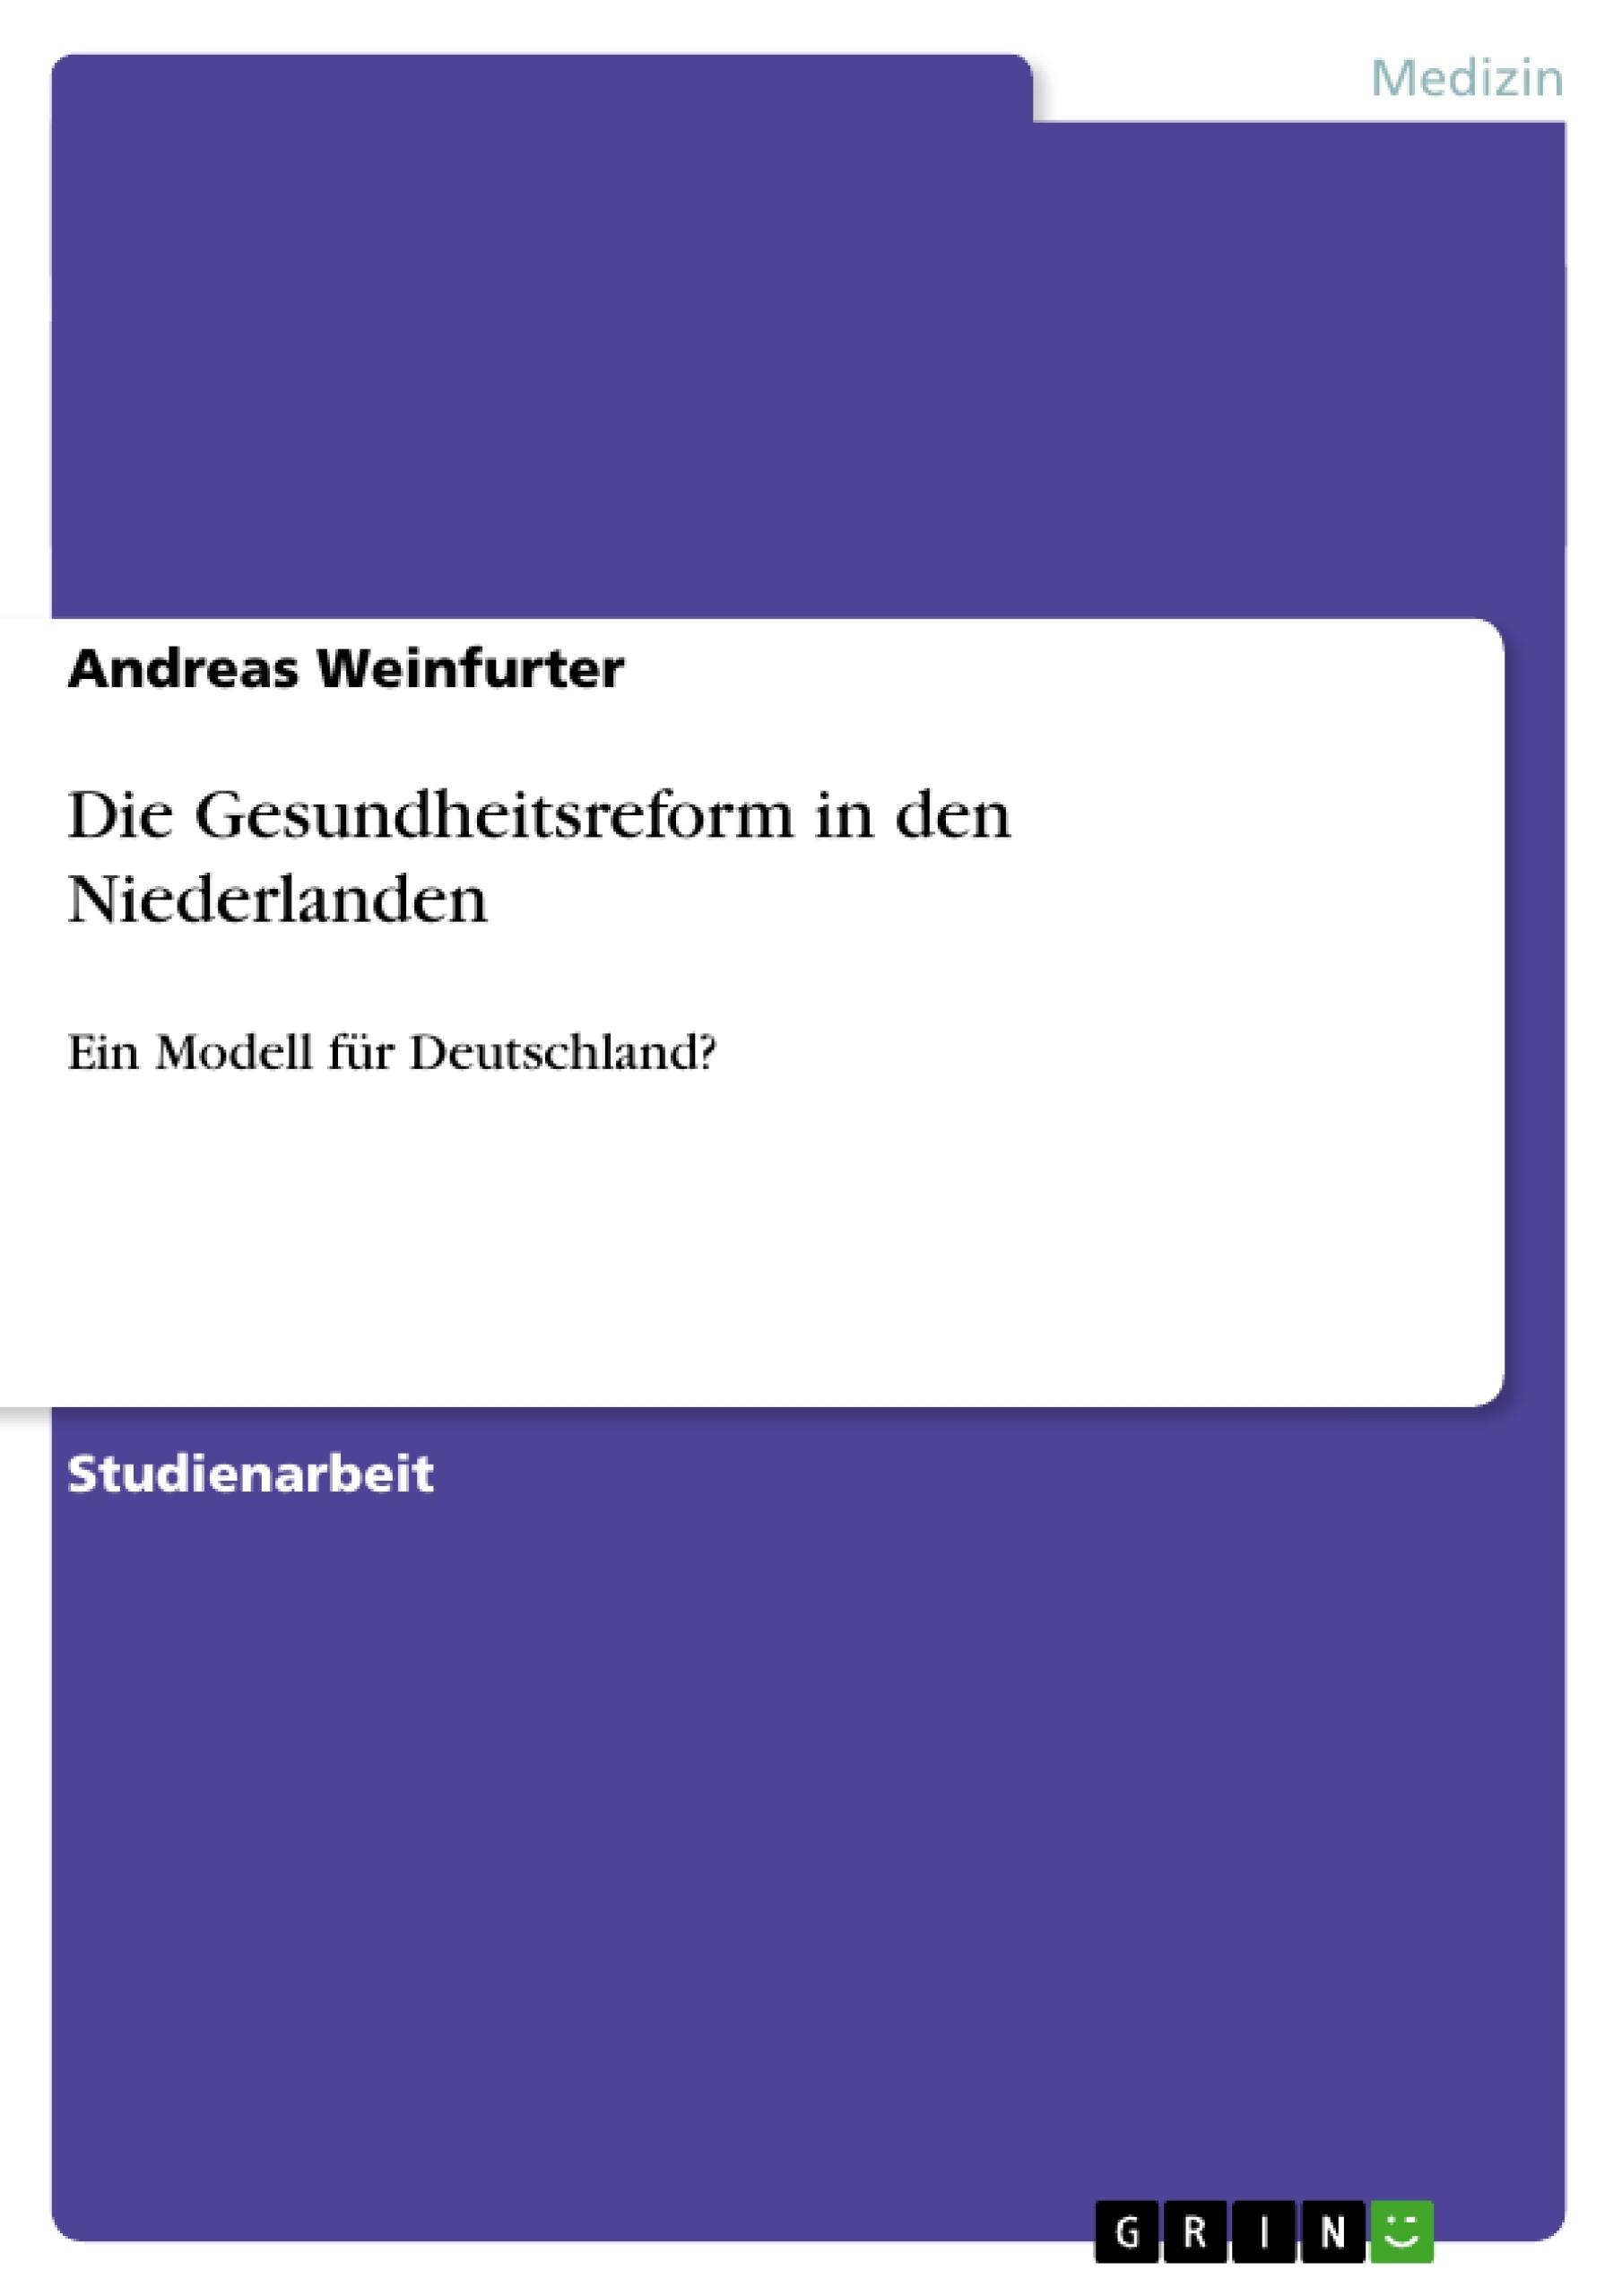 Titel: Die Gesundheitsreform in den Niederlanden